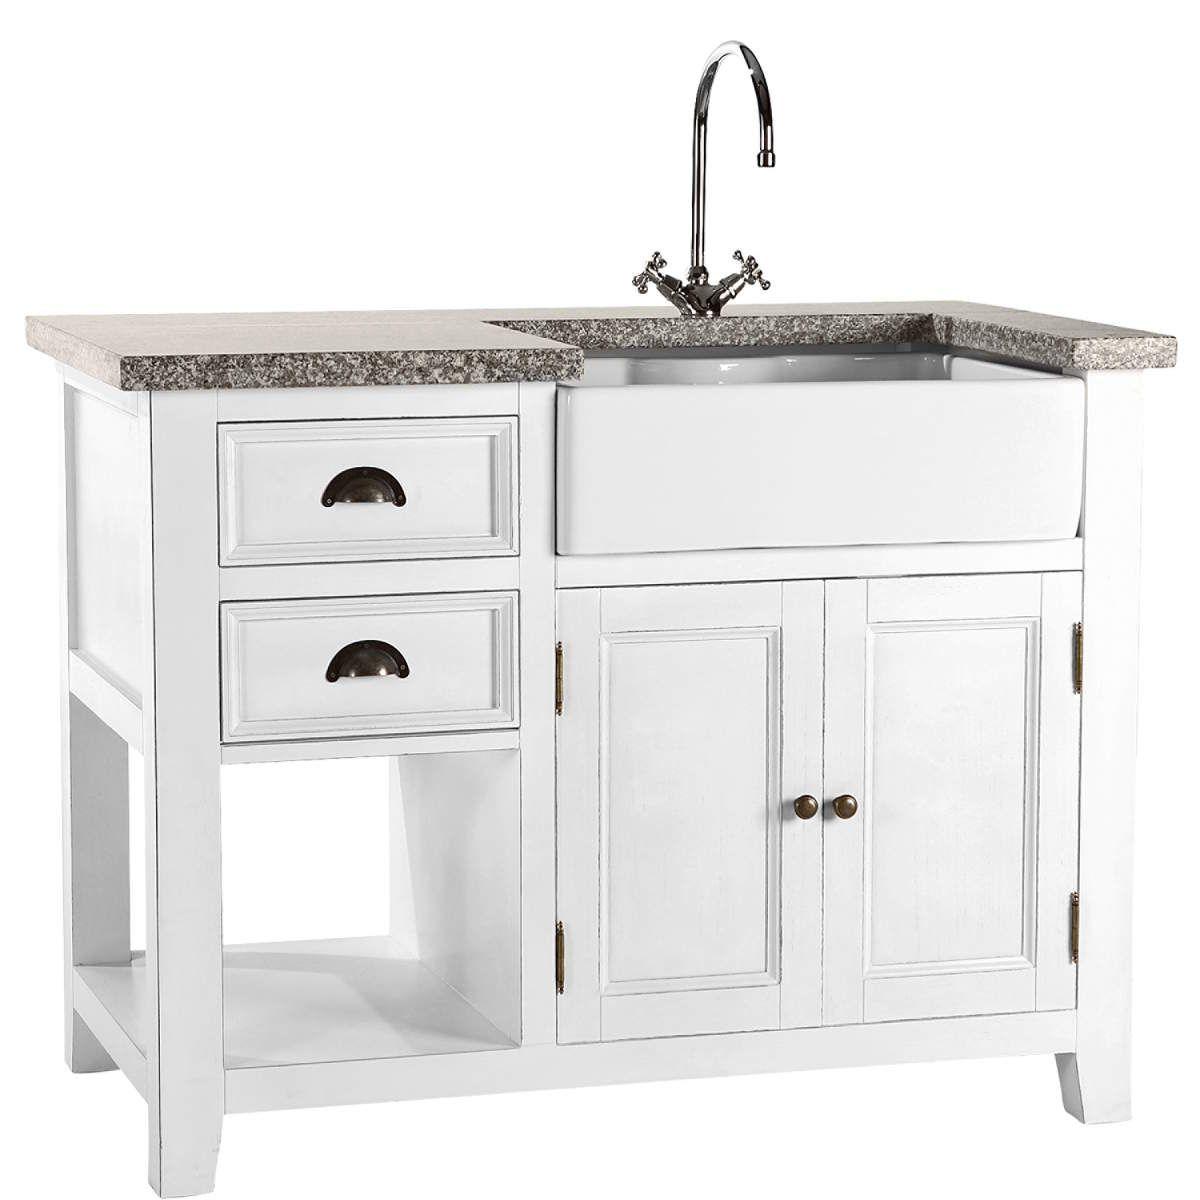 Maple hill spültisch weiß küchenmöbel butlers 699€